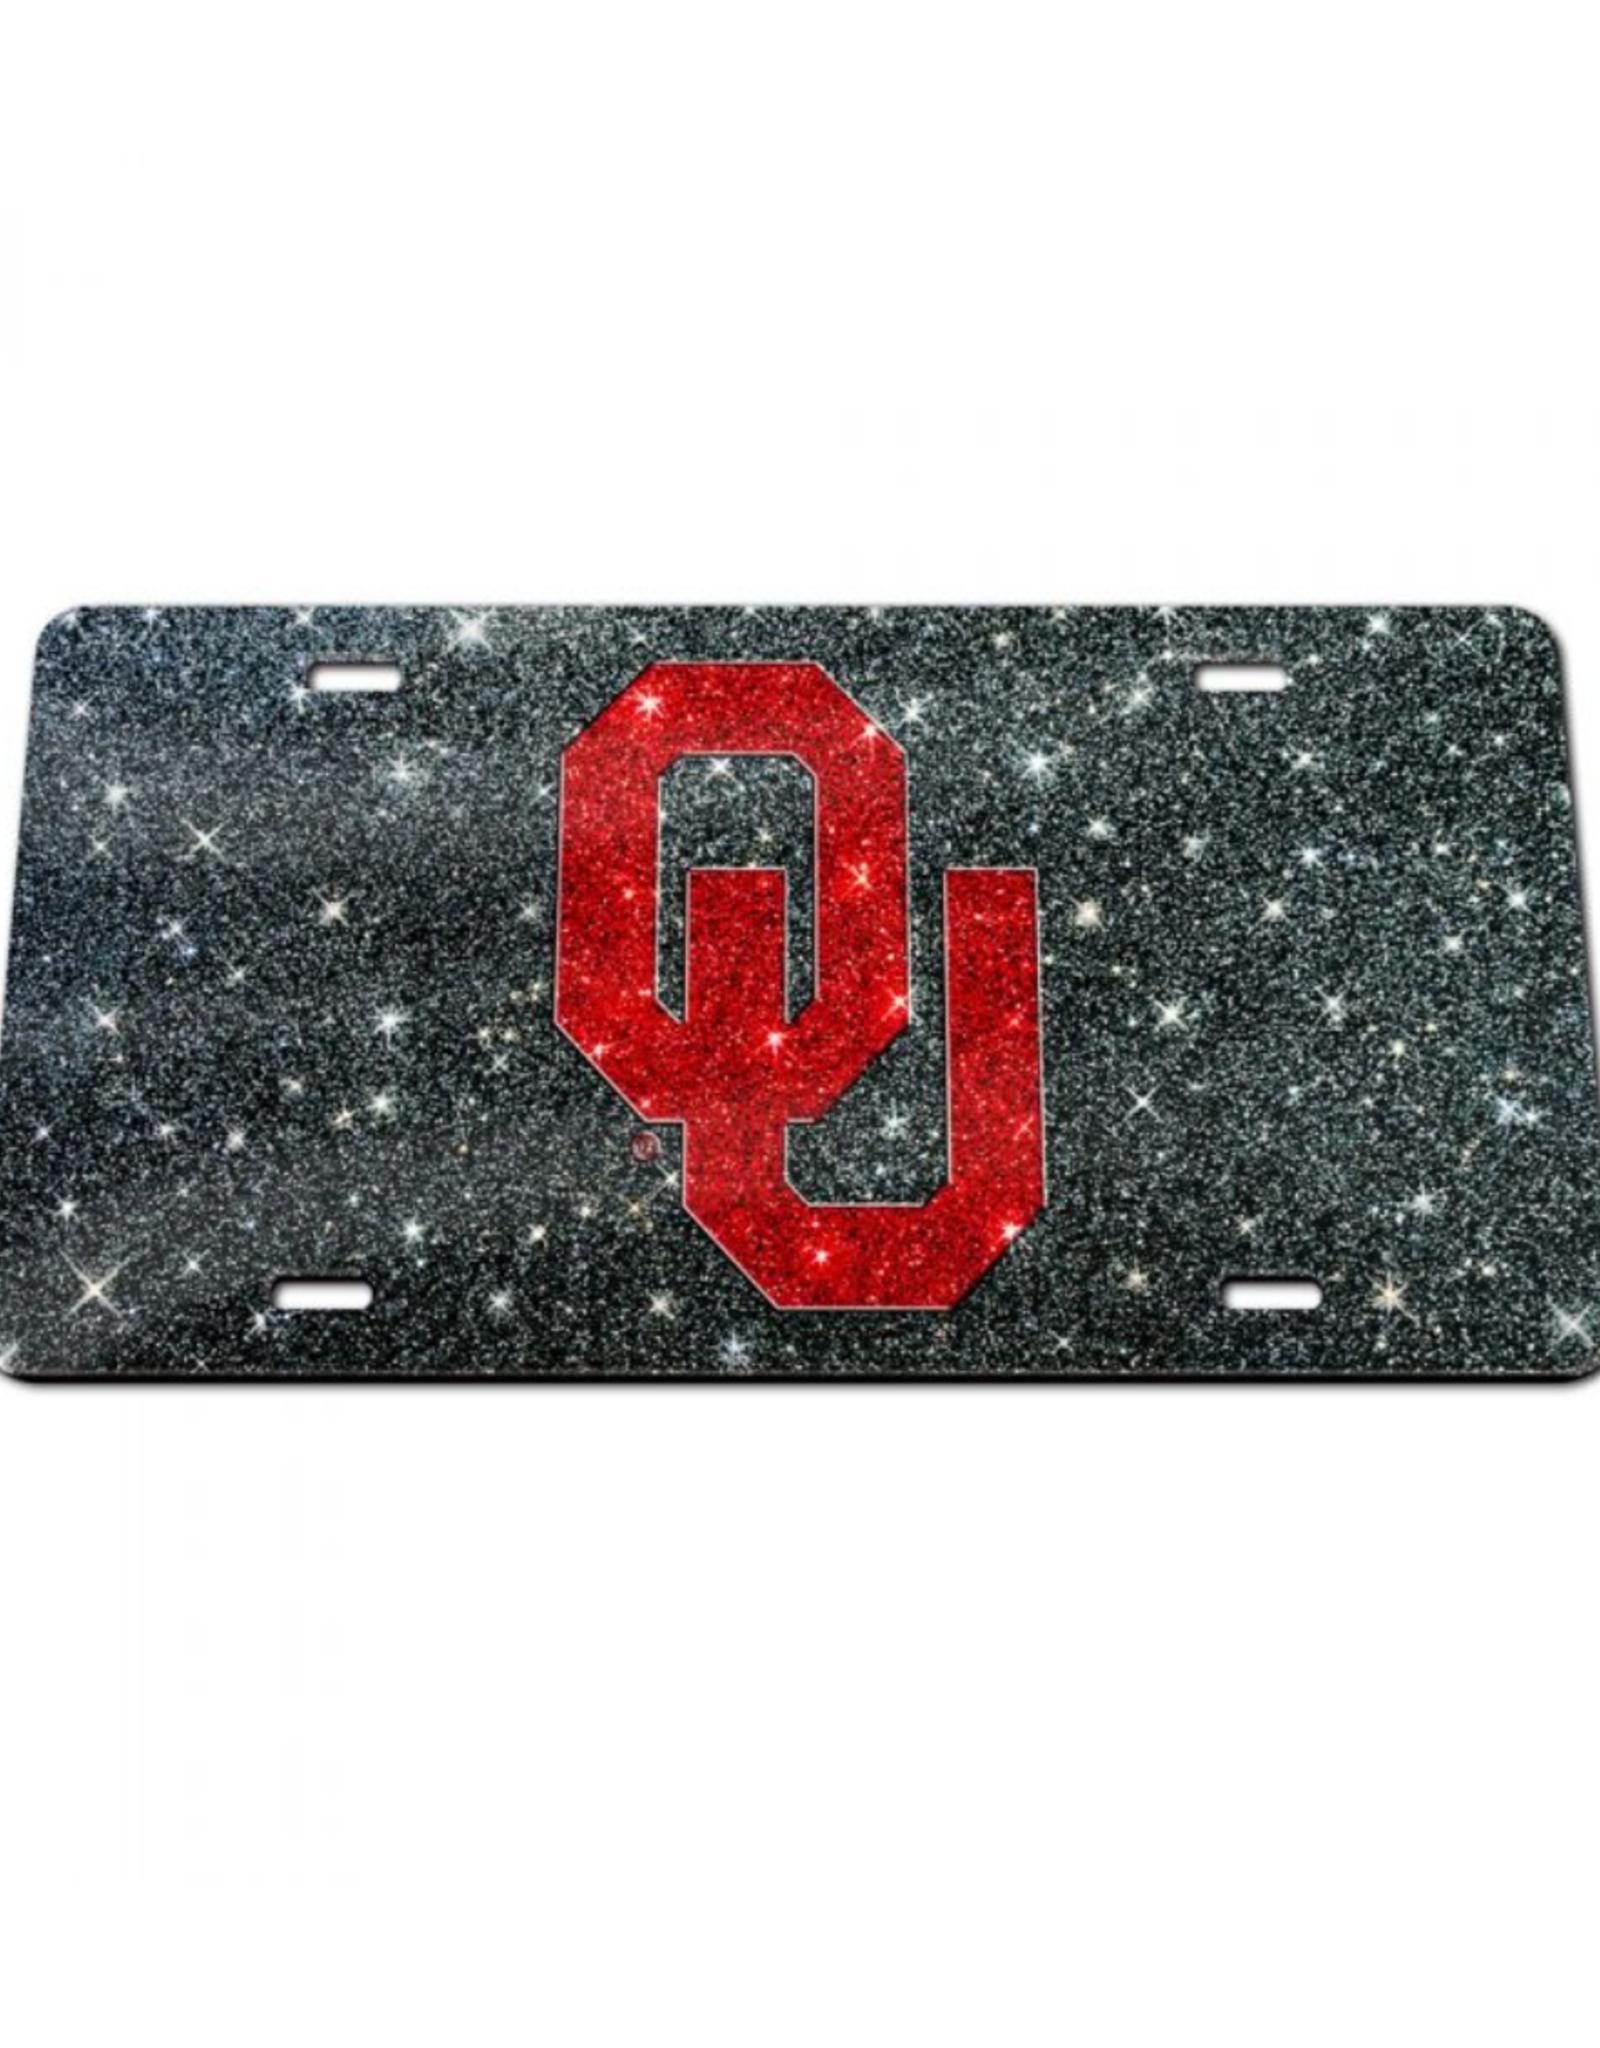 Stockdale OU Crimson/Black Glitter License Plate